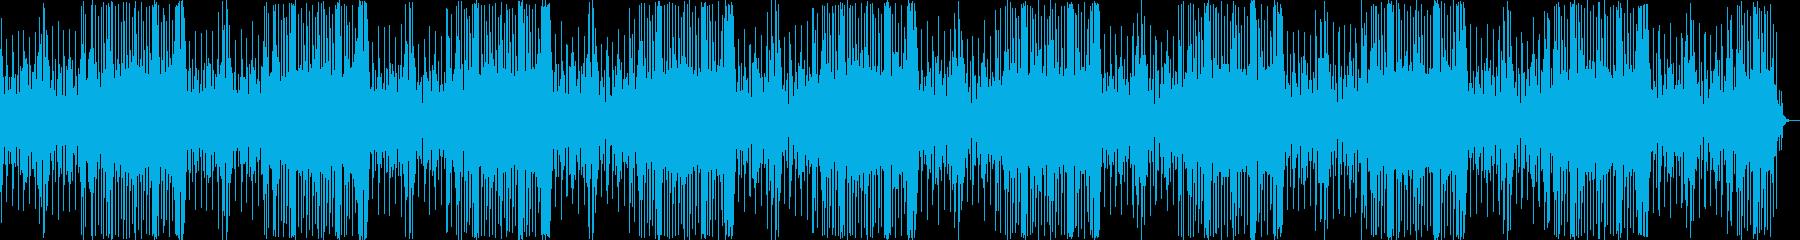 ミステリアスな雰囲気の音楽の再生済みの波形